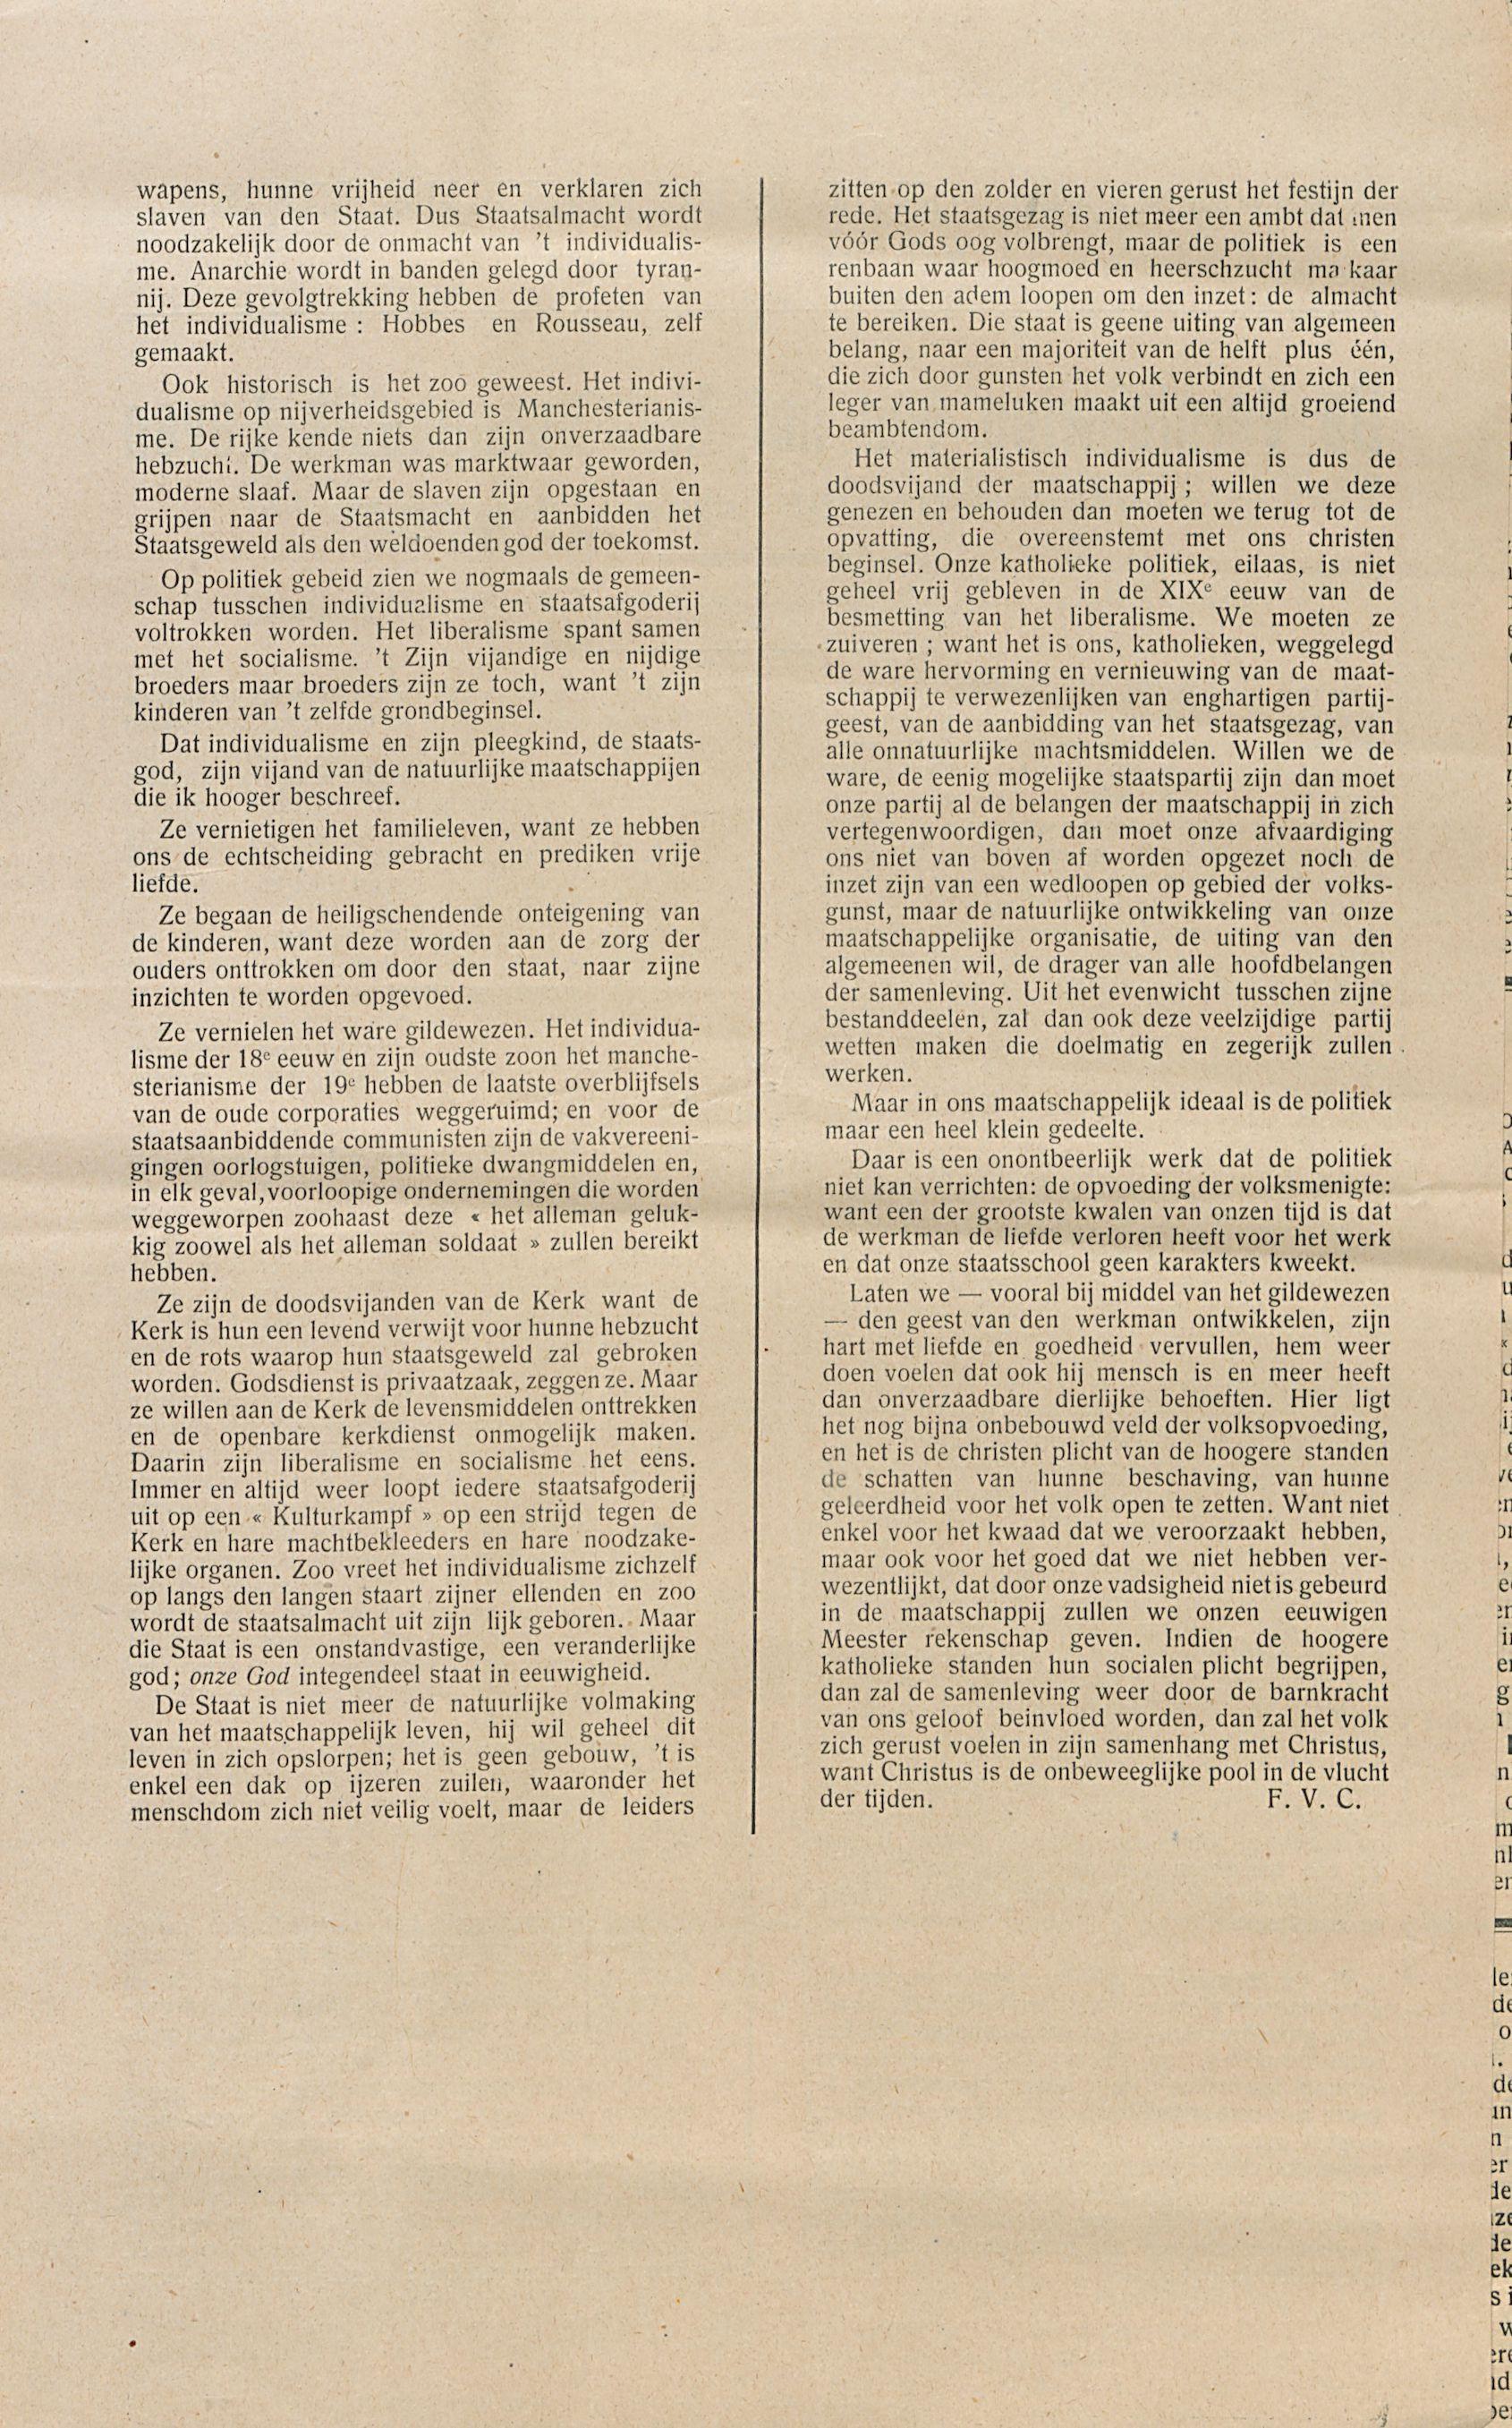 Het Kortrijksche Volk 1908-04-05 p3